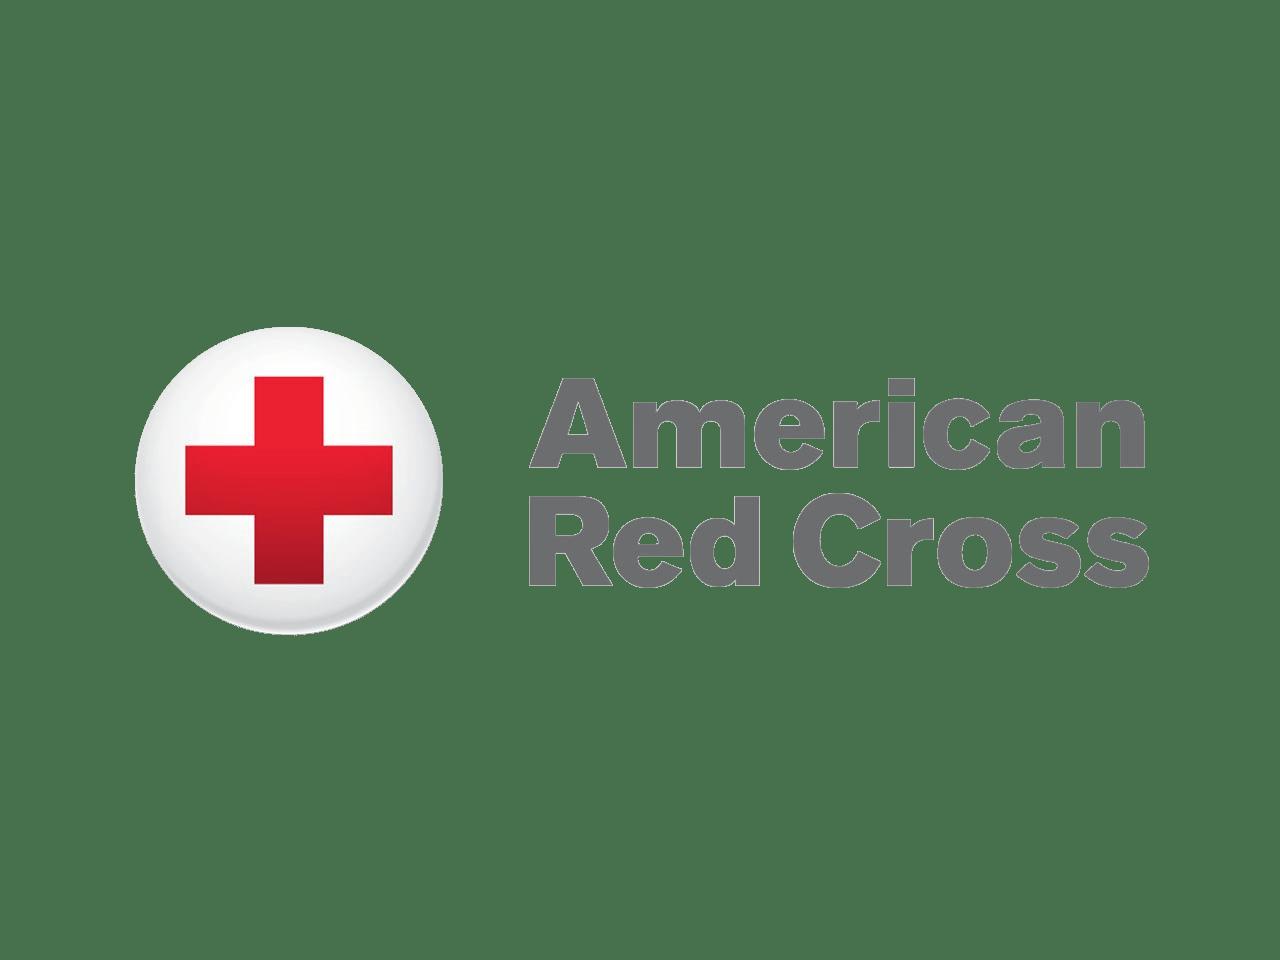 red cross_1514523415855.png.jpg